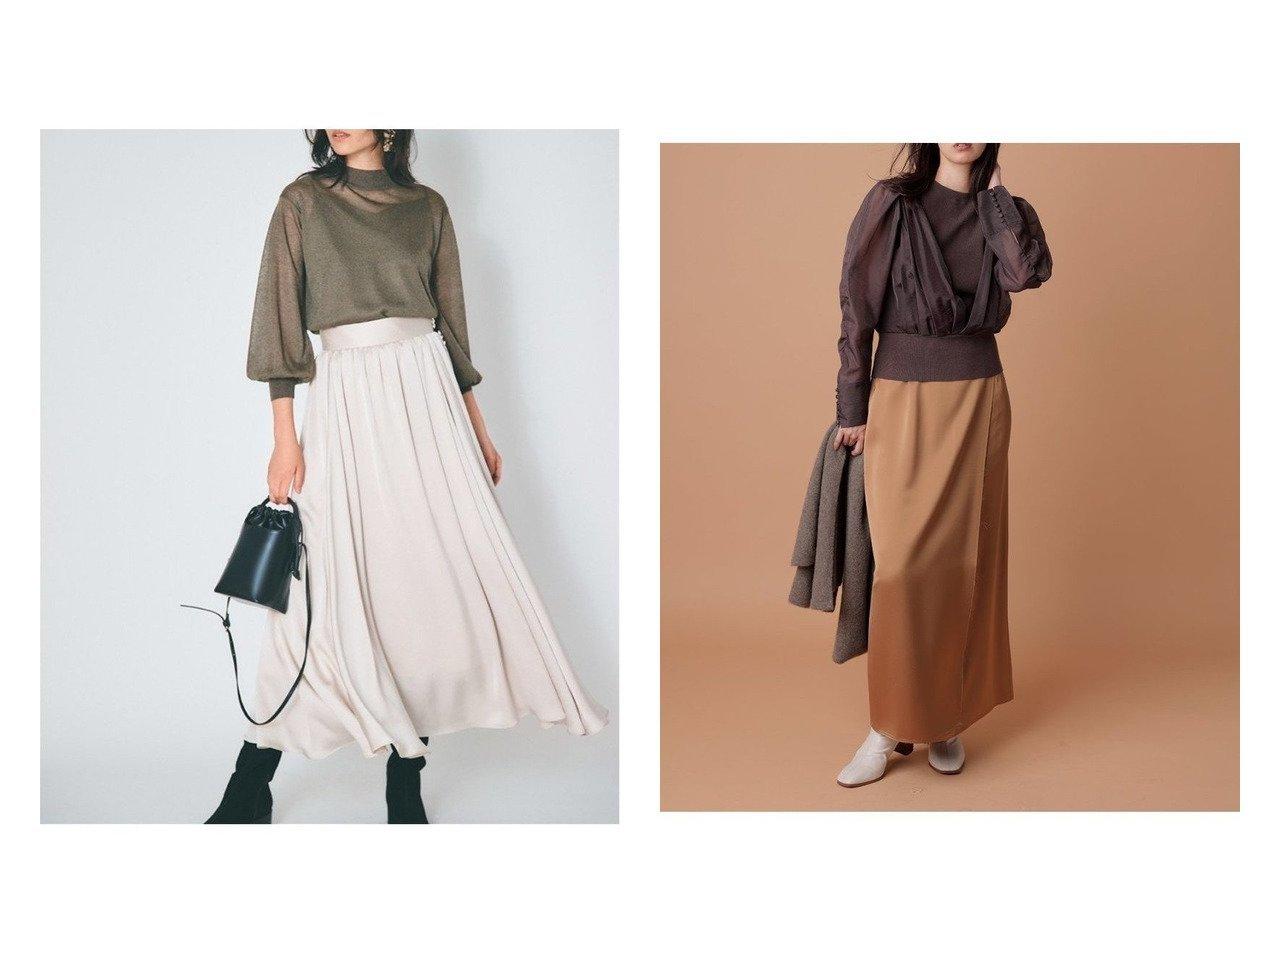 【FRAY I.D/フレイ アイディー】のサテンギャザーフレアマキシSK&ストレートサテンスカート スカートのおすすめ!人気、トレンド・レディースファッションの通販  おすすめで人気の流行・トレンド、ファッションの通販商品 メンズファッション・キッズファッション・インテリア・家具・レディースファッション・服の通販 founy(ファニー) https://founy.com/ ファッション Fashion レディースファッション WOMEN スカート Skirt ロングスカート Long Skirt サテン バランス フレア マキシ ロング |ID:crp329100000009709